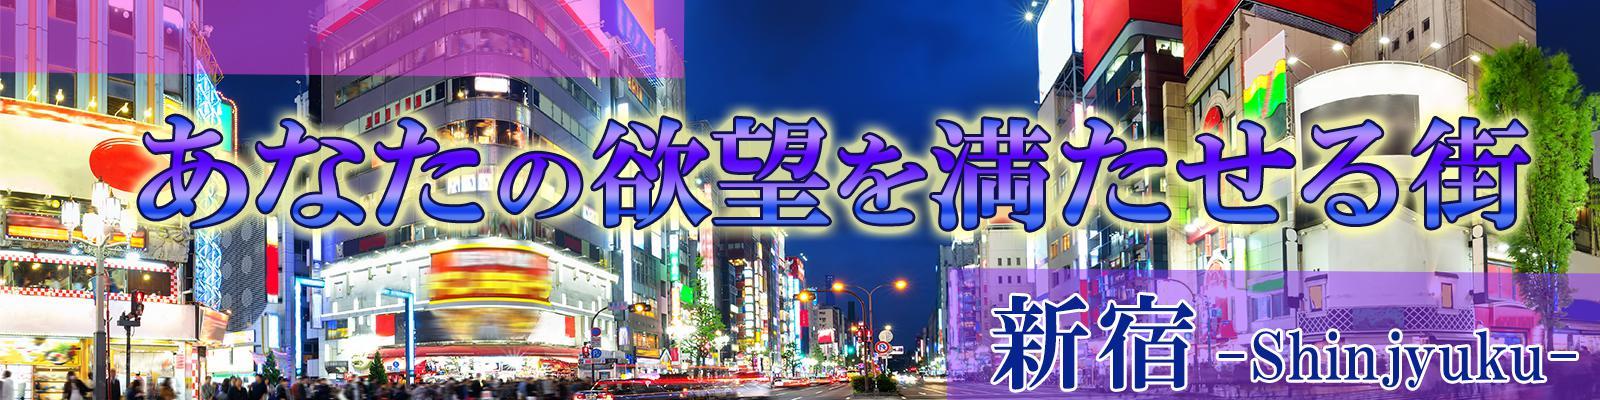 新宿 キャバクラ